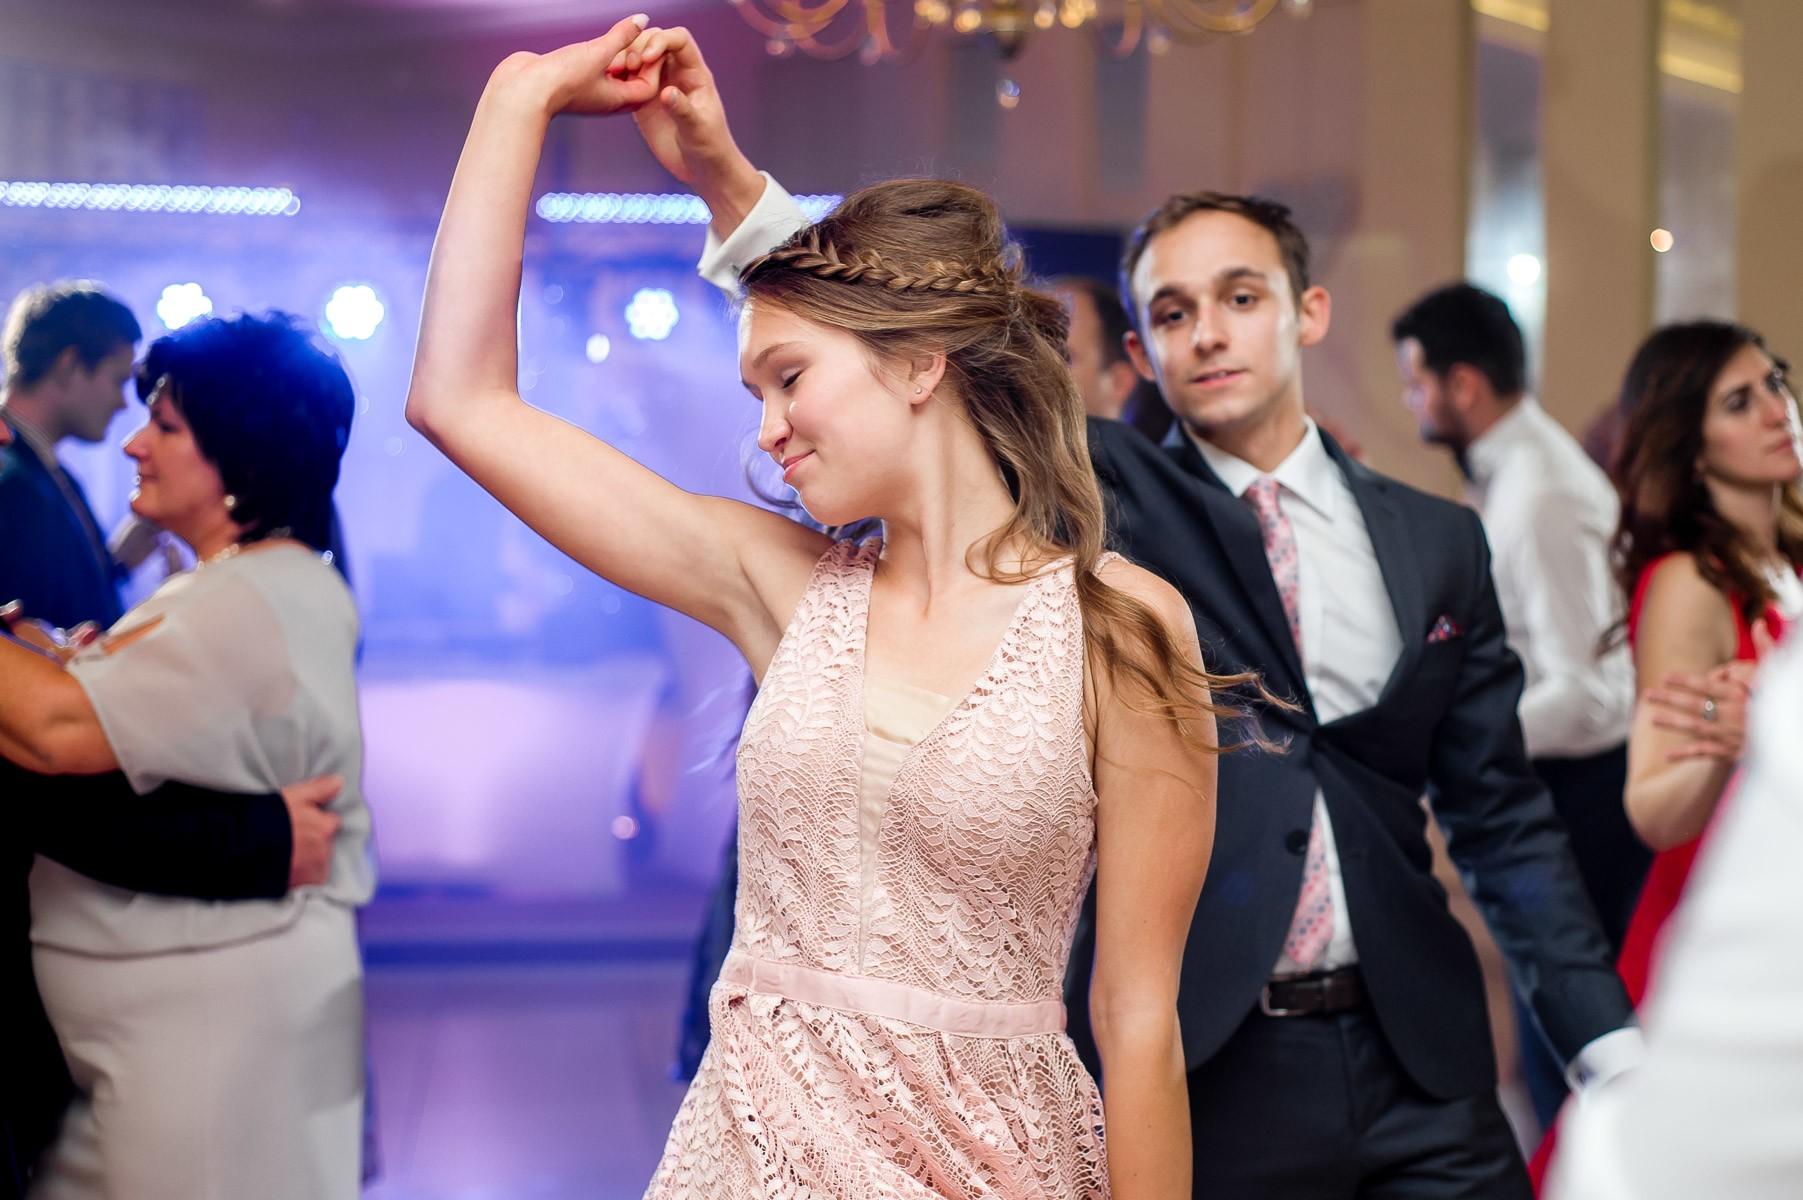 sala na skarpie fotograf slubny slask malopolska adam pietrusiak plener slubny w gorach jw wedding 129